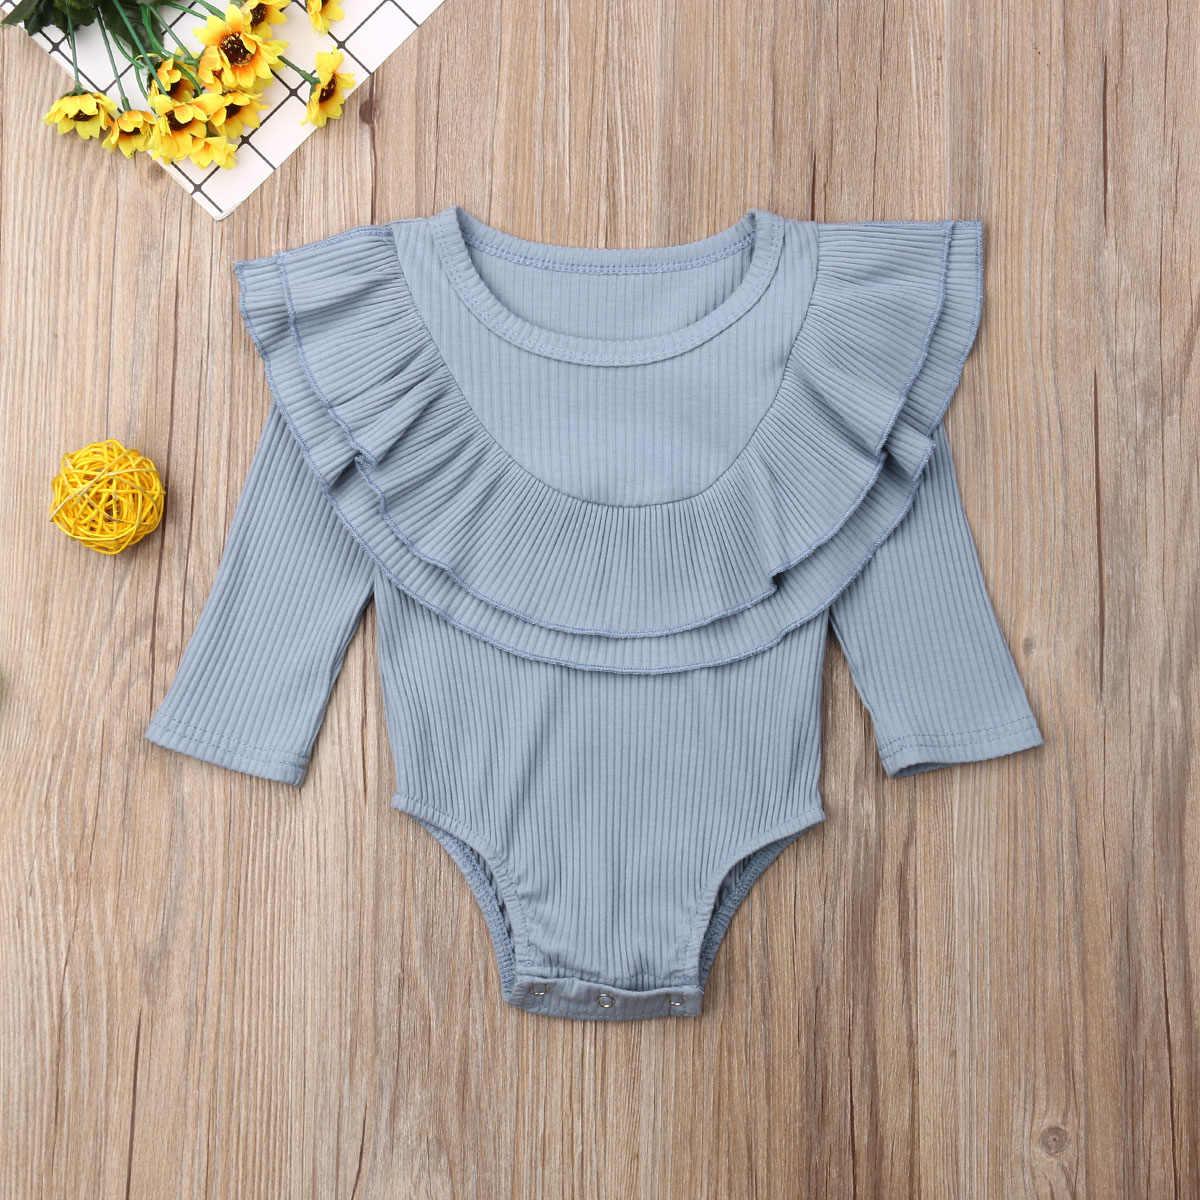 2019 ฤดูใบไม้ผลิฤดูใบไม้ร่วงเสื้อผ้าเด็กแรกเกิดเด็ก Ribbed Bodysuit แขนยาว Jumpsuit ชุดเสื้อผ้า Playsuit 0-24 M